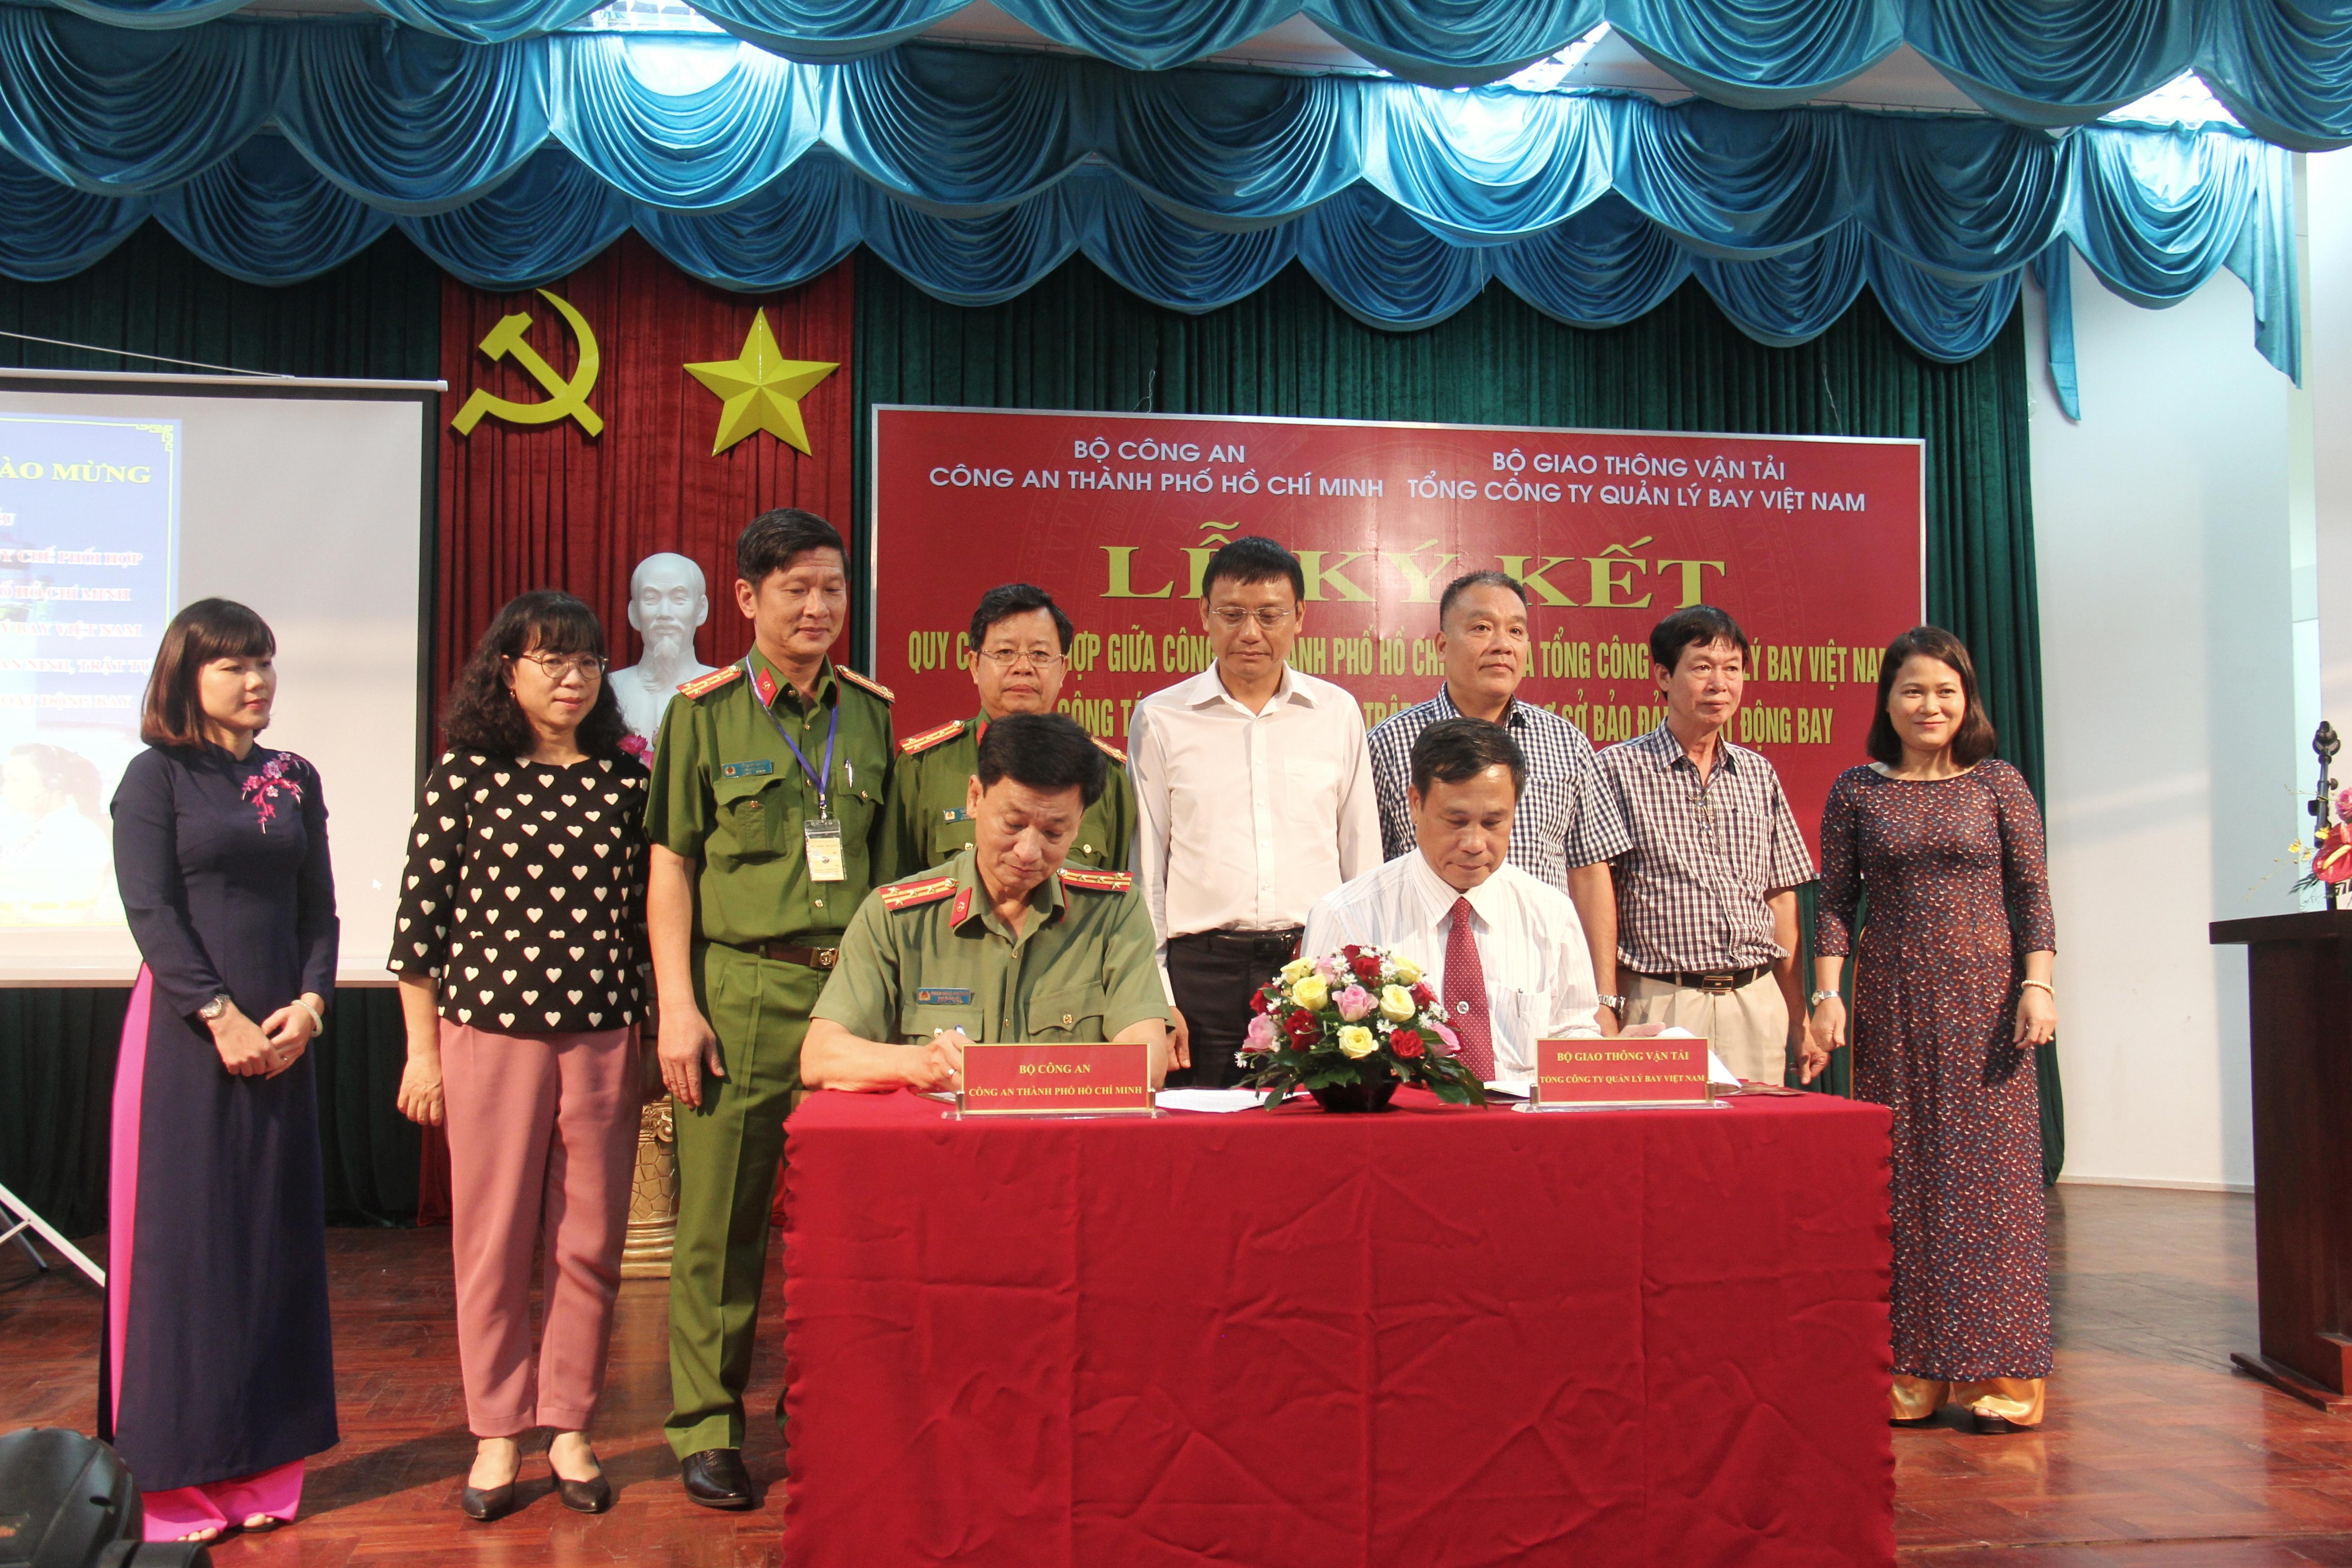 VATM và Công an Thành phố Hồ Chí Minh ký Quy chế phối hợp trong công tác đảm bảo an ninh, trật tự tại các cơ sở cung cấp dịch vụ bảo đảm hoạt động bay